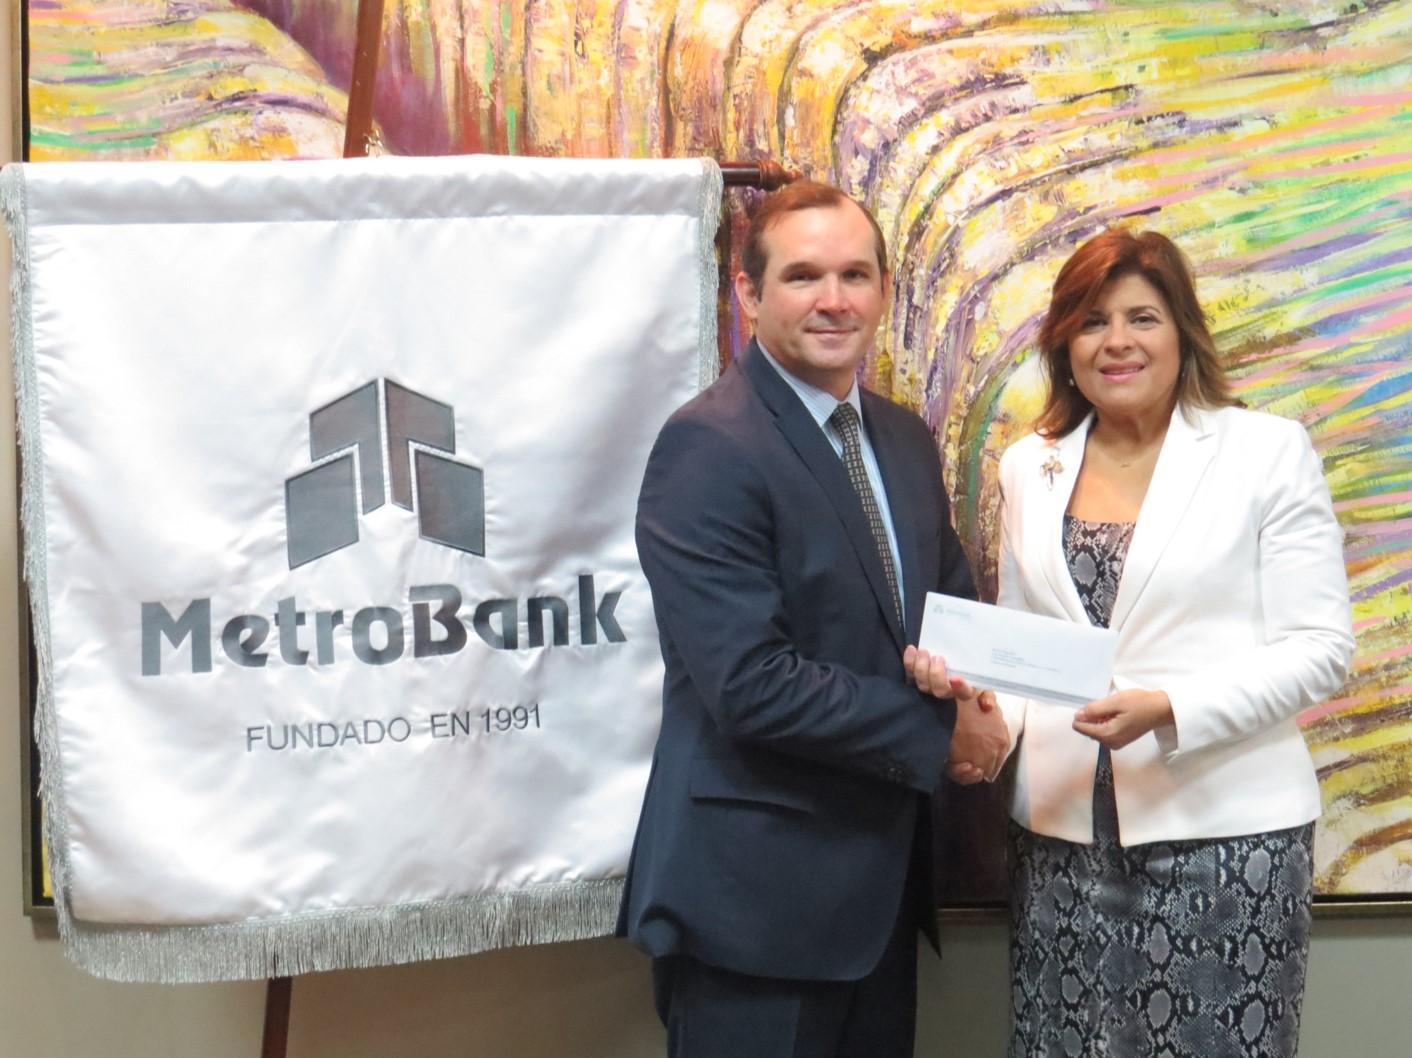 Metrobank S.A.